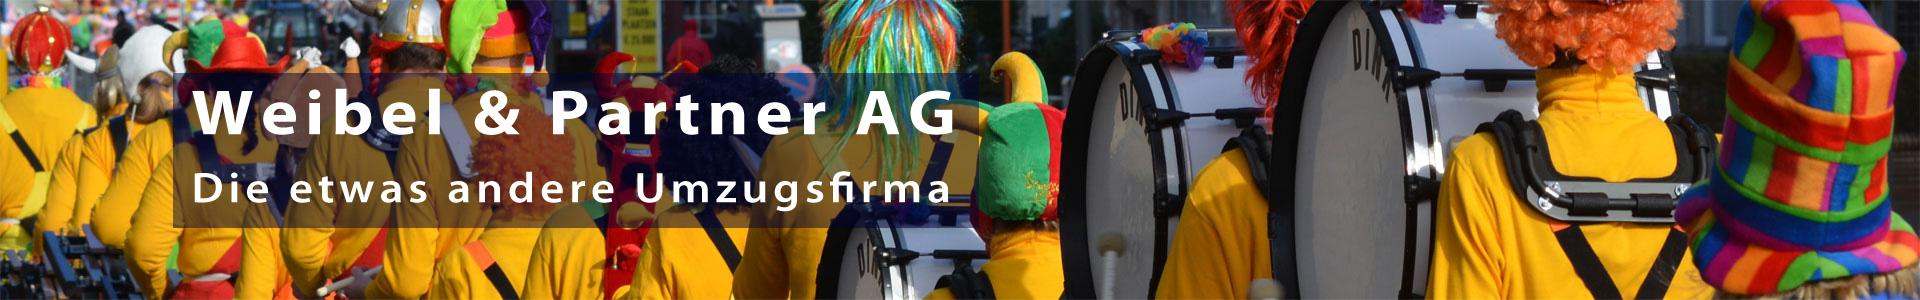 Weibel & Partner AG - die etwas andere Umzugsfirma